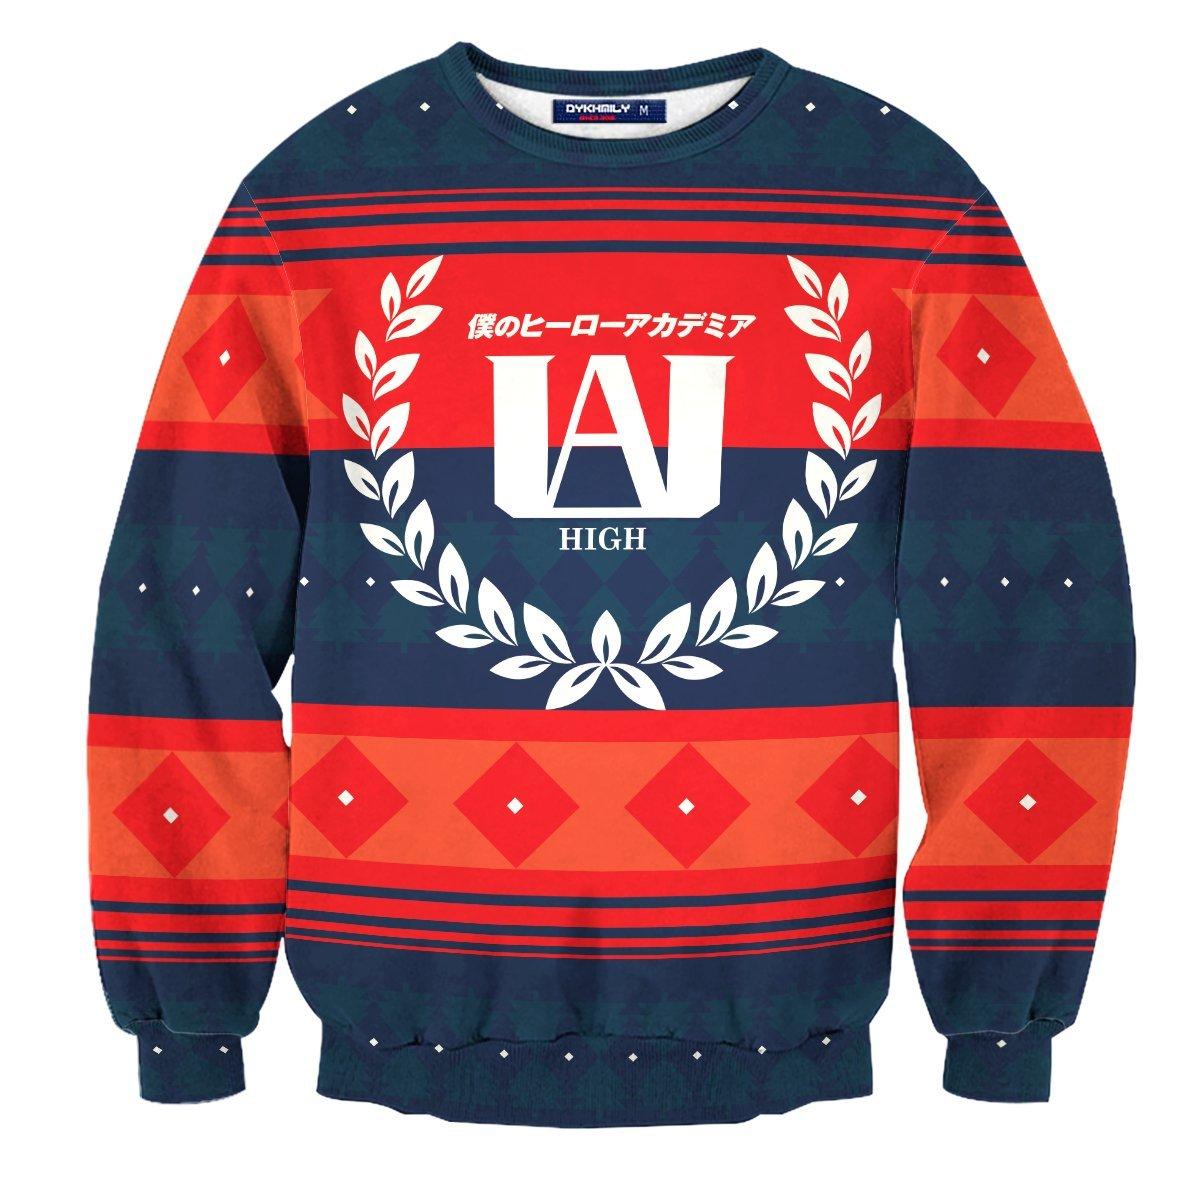 UA High Christmas Unisex Wool Sweater FDM0310 S Official Otaku Treat Merch